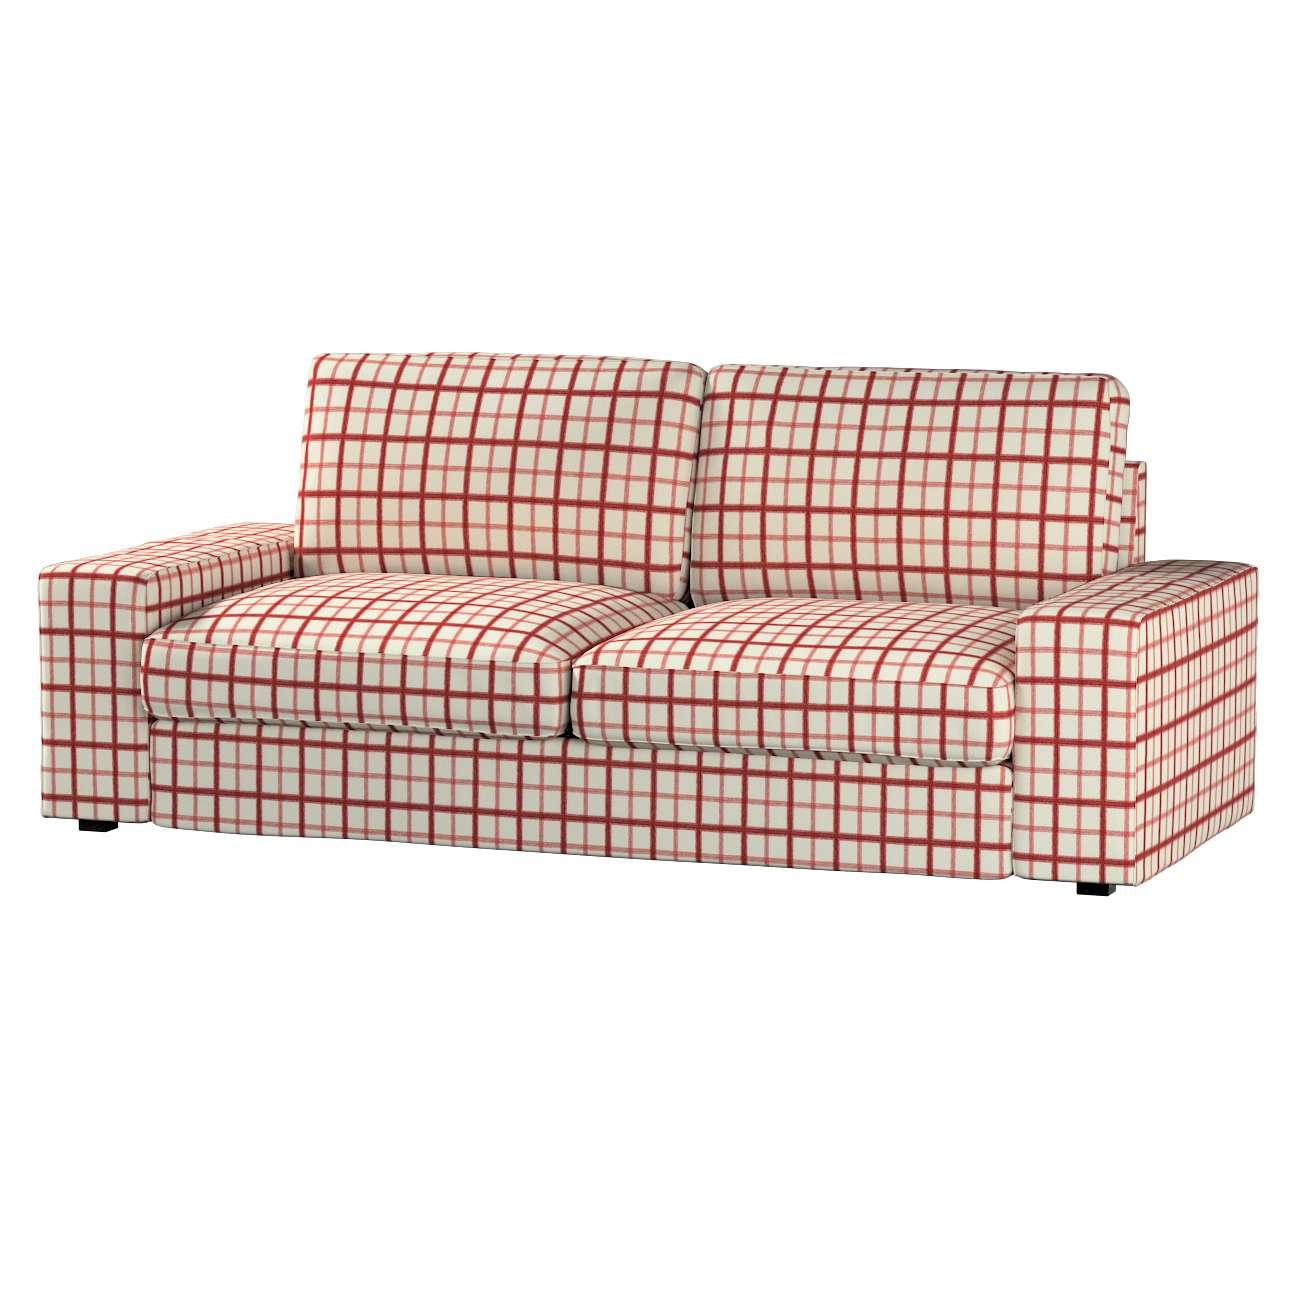 KIVIK trivietės sofos užvalkalas Kivik 3-seat sofa kolekcijoje Avinon, audinys: 131-15